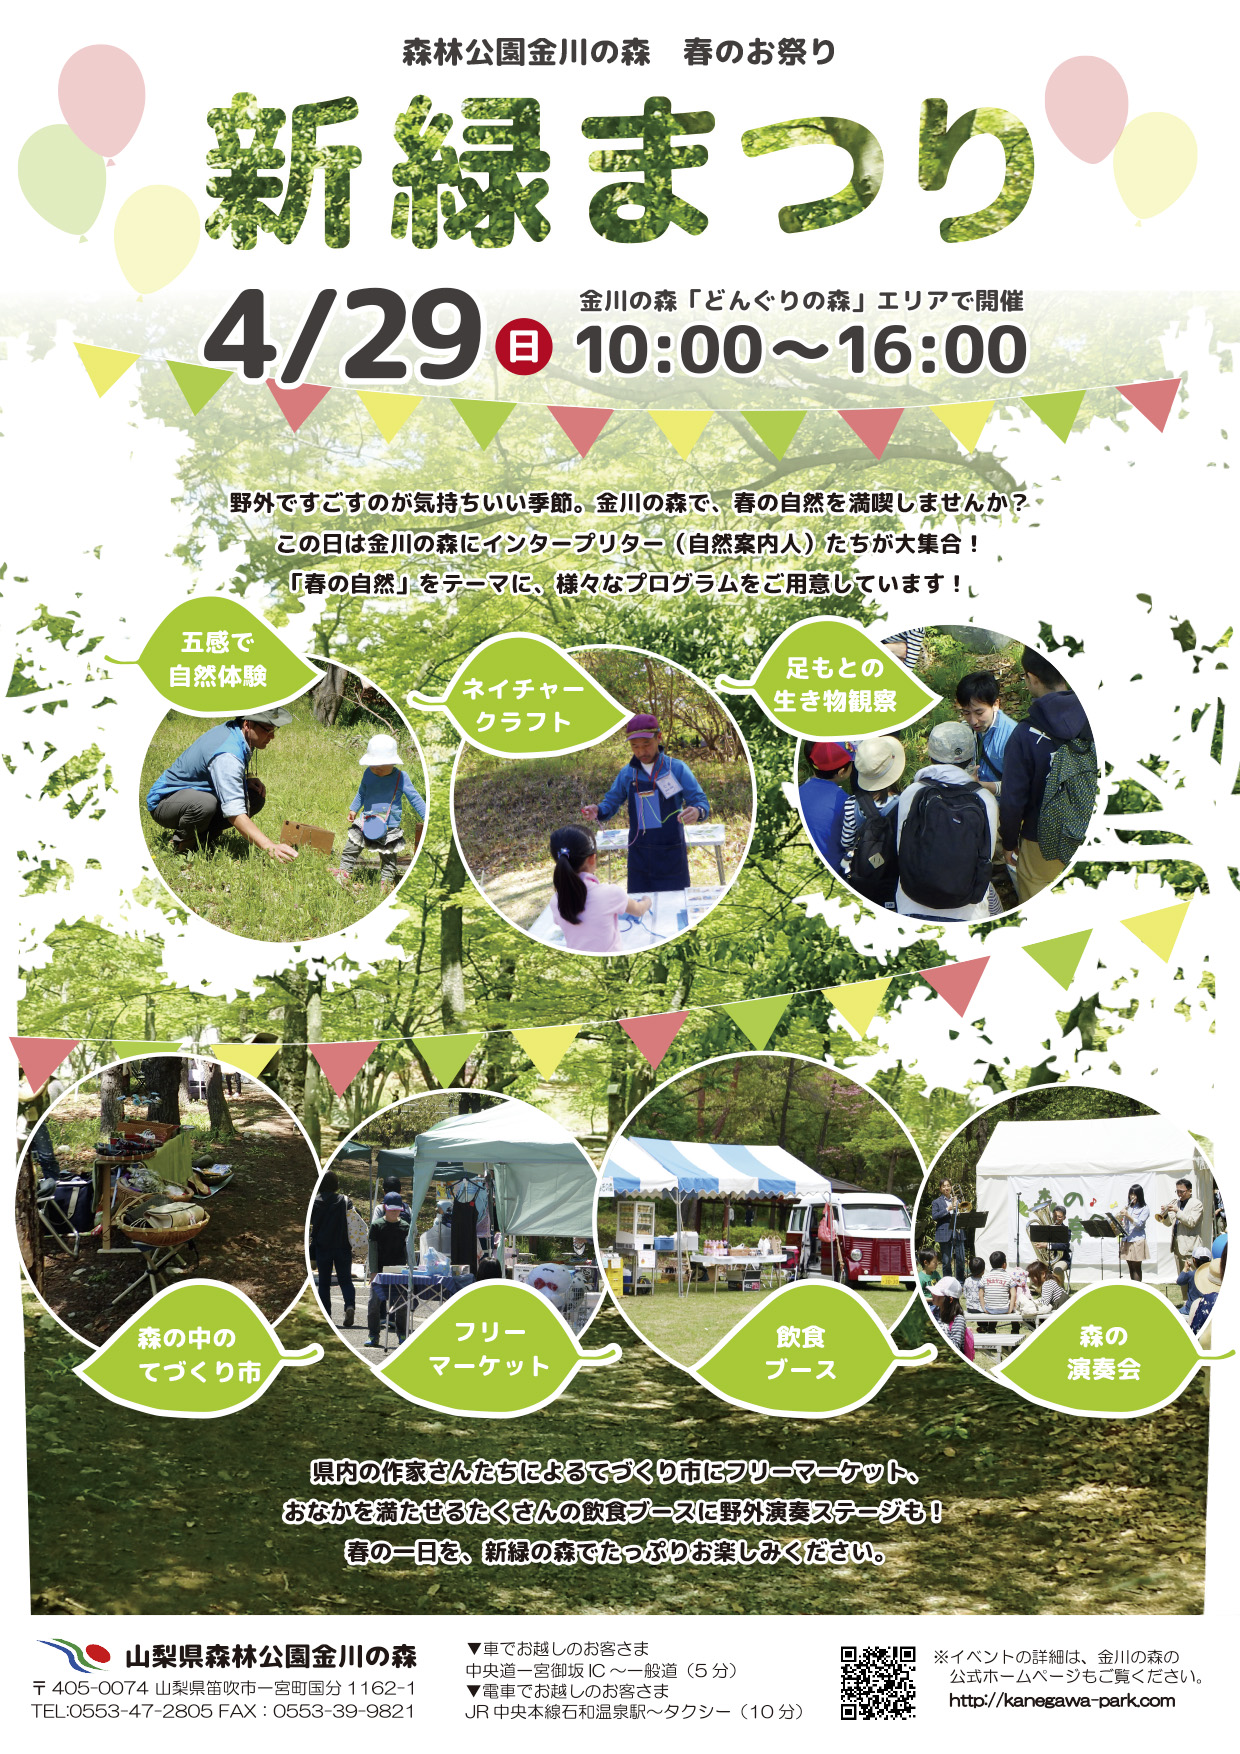 森林公園金川の森 春のお祭り 新緑まつり